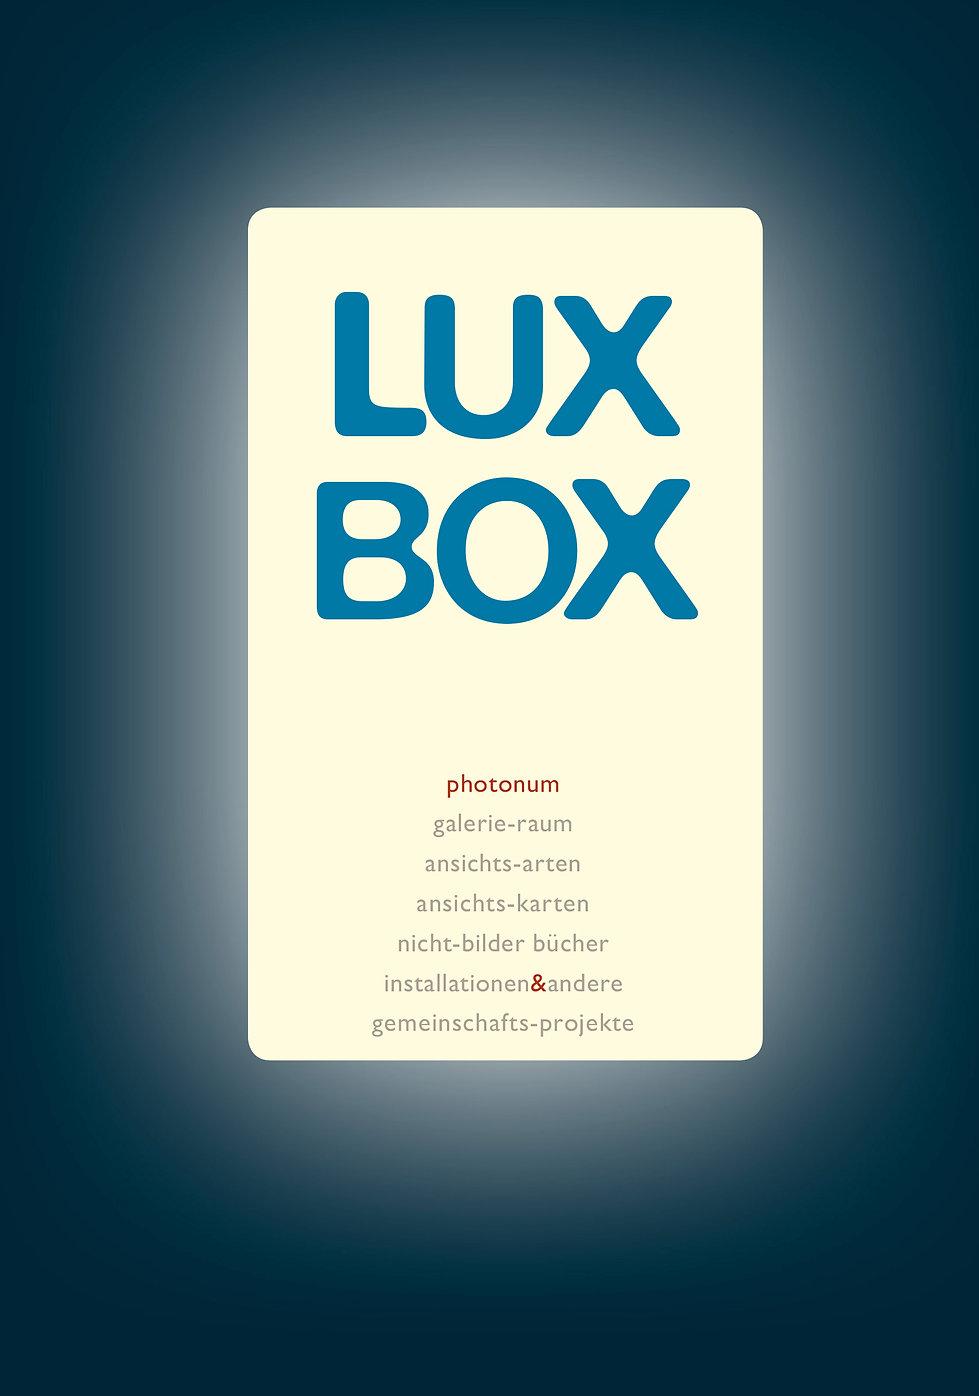 luxboxbildfürstartseite.jpg